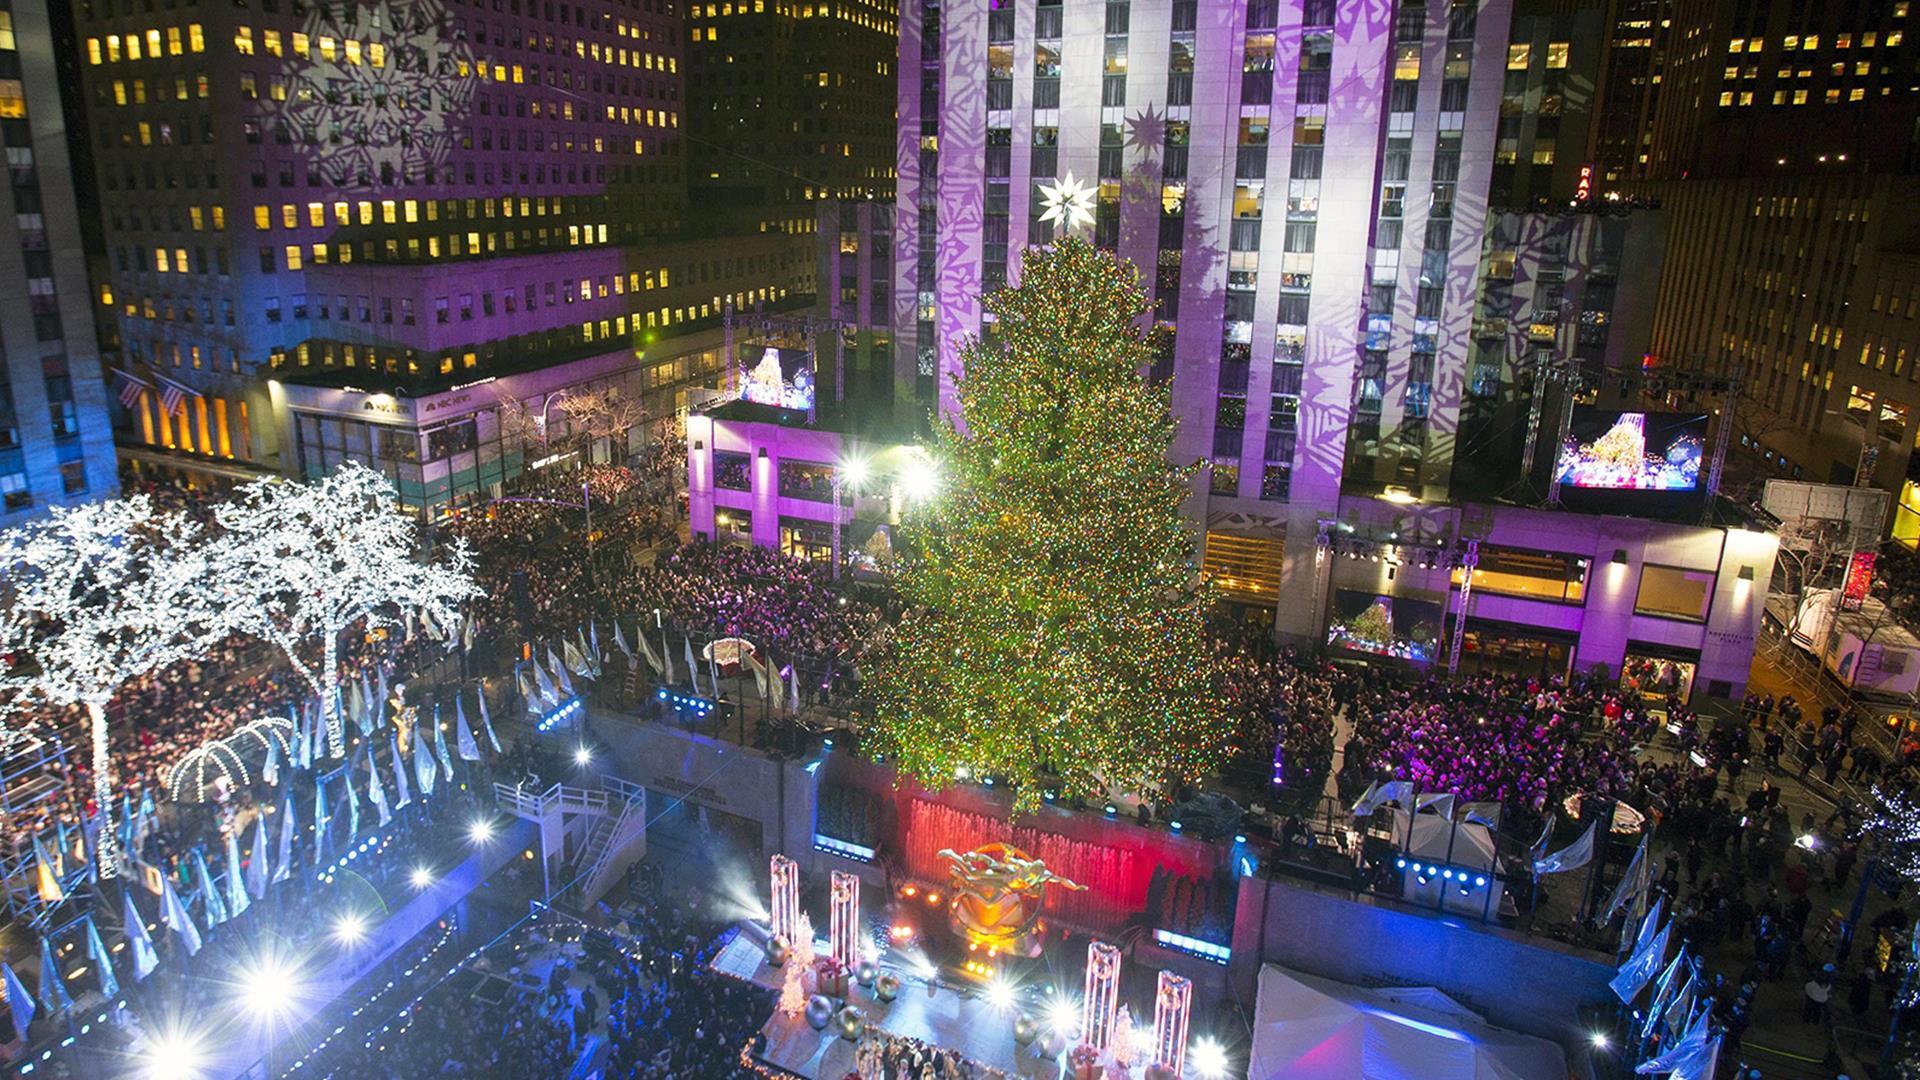 Plaza cam rockefeller center christmas tree nbc news